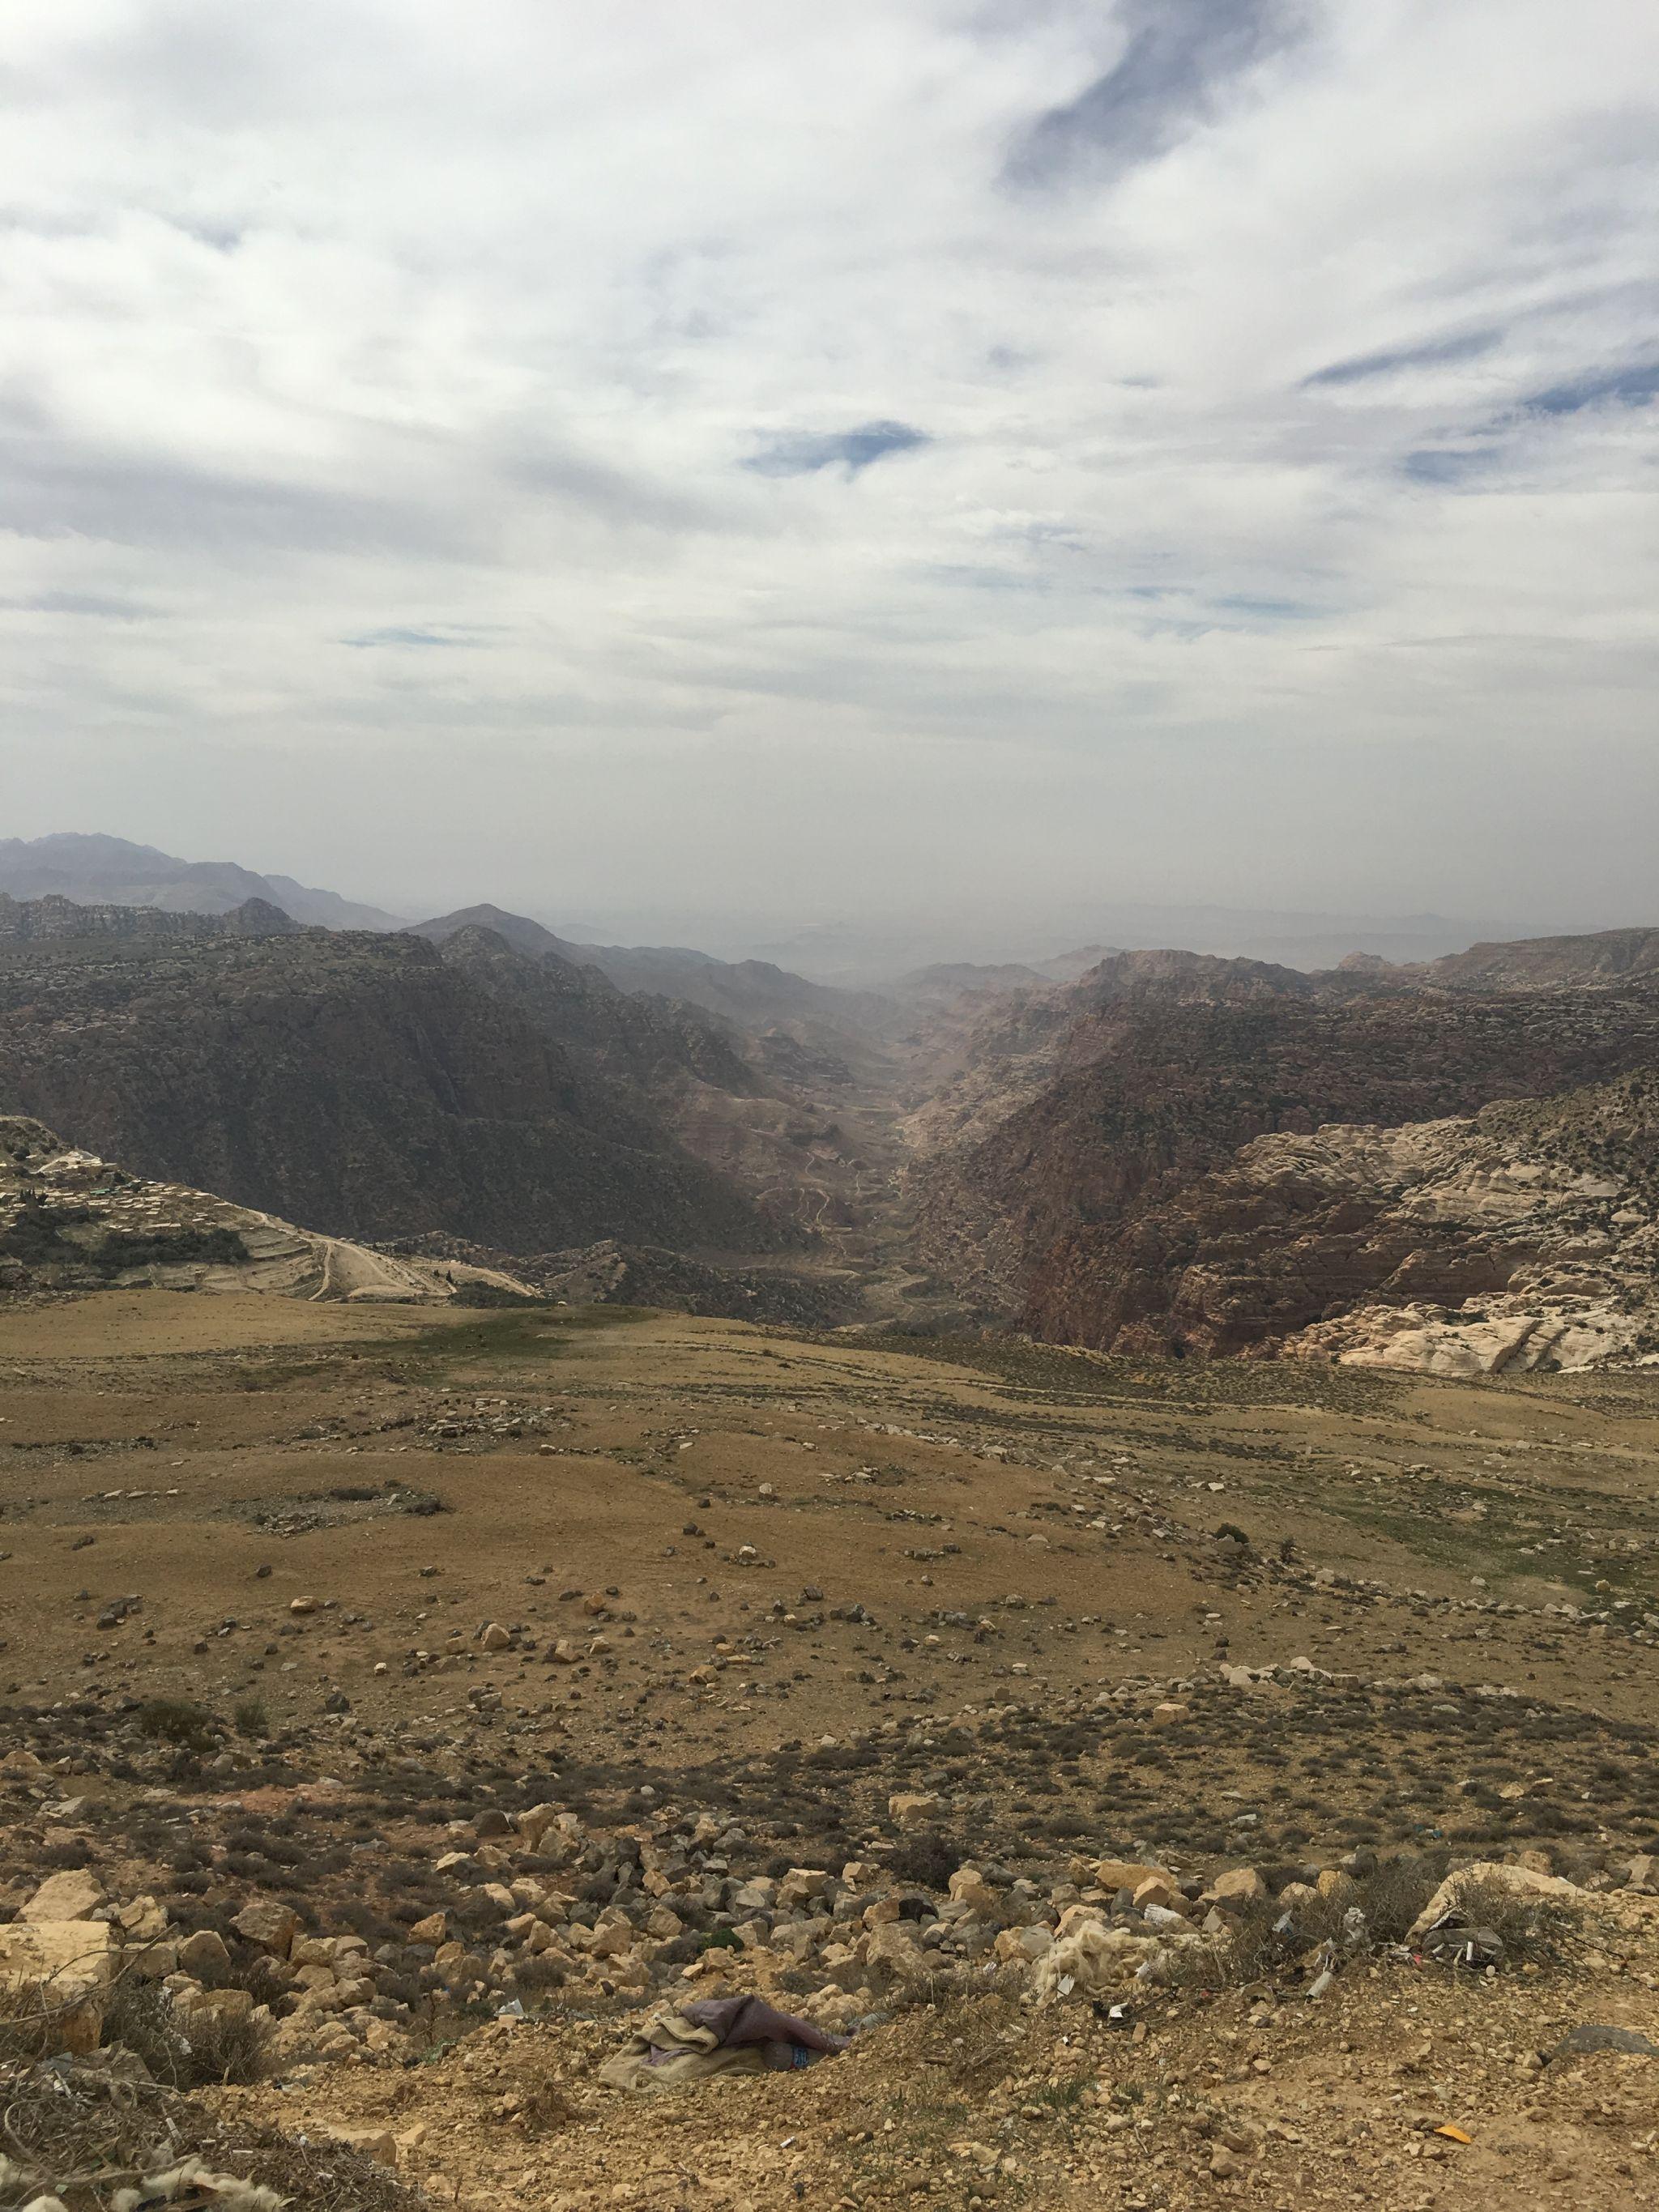 Overlooking the Dana Reserve, Jordan